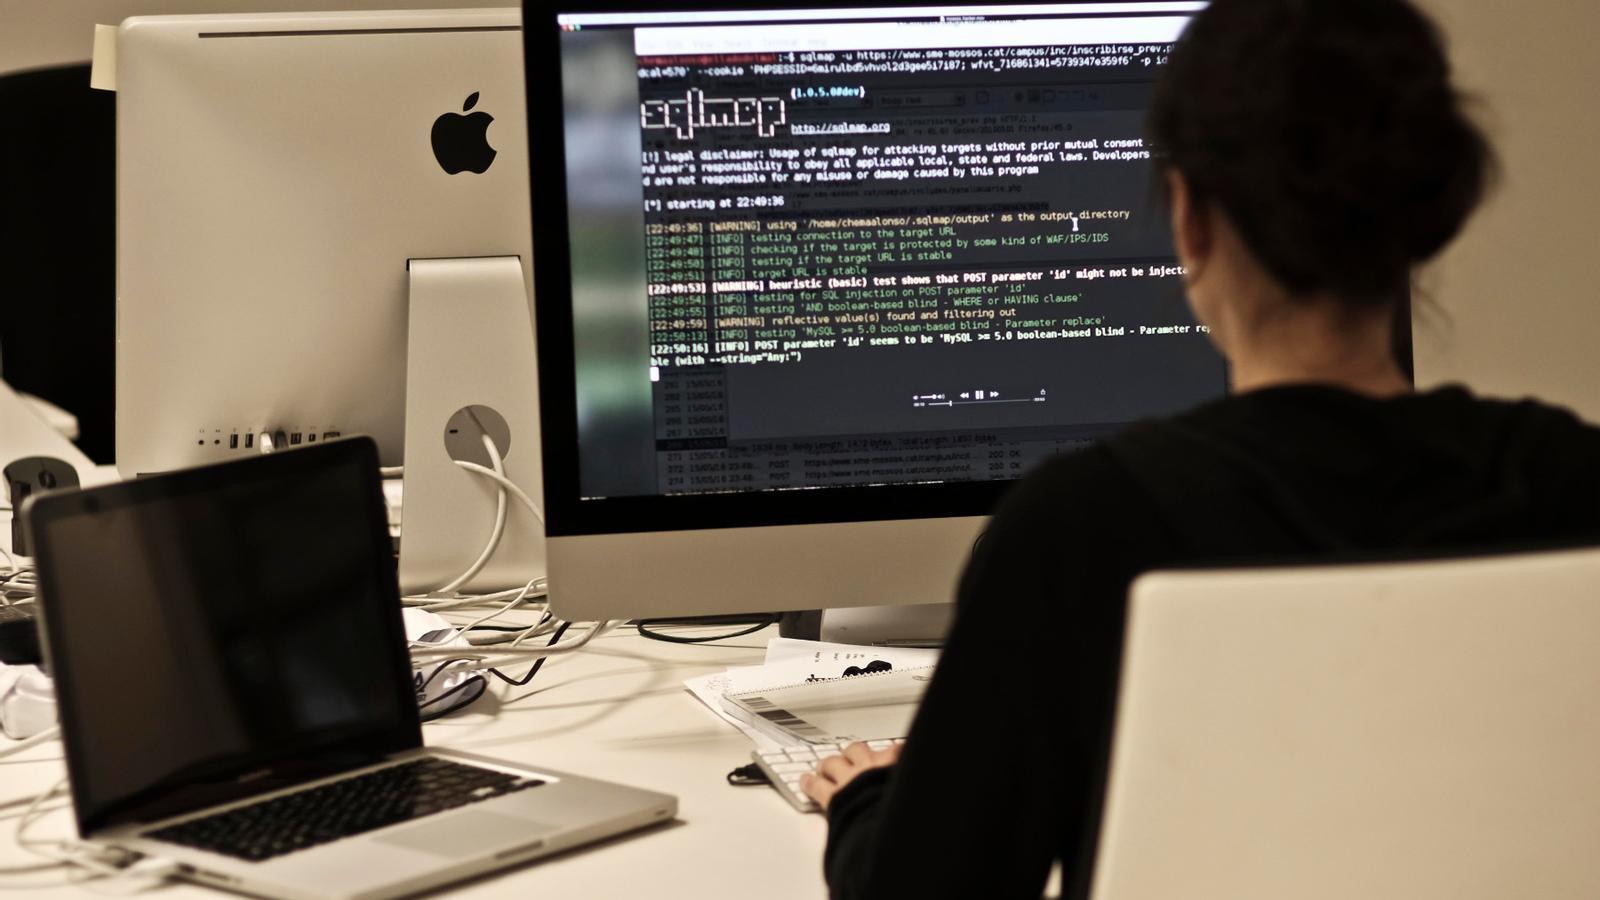 El vídeo publicat per Phineas Fisher mostra com va fer l'atac informàtic al Sindicat de Mossos d'Esquadra